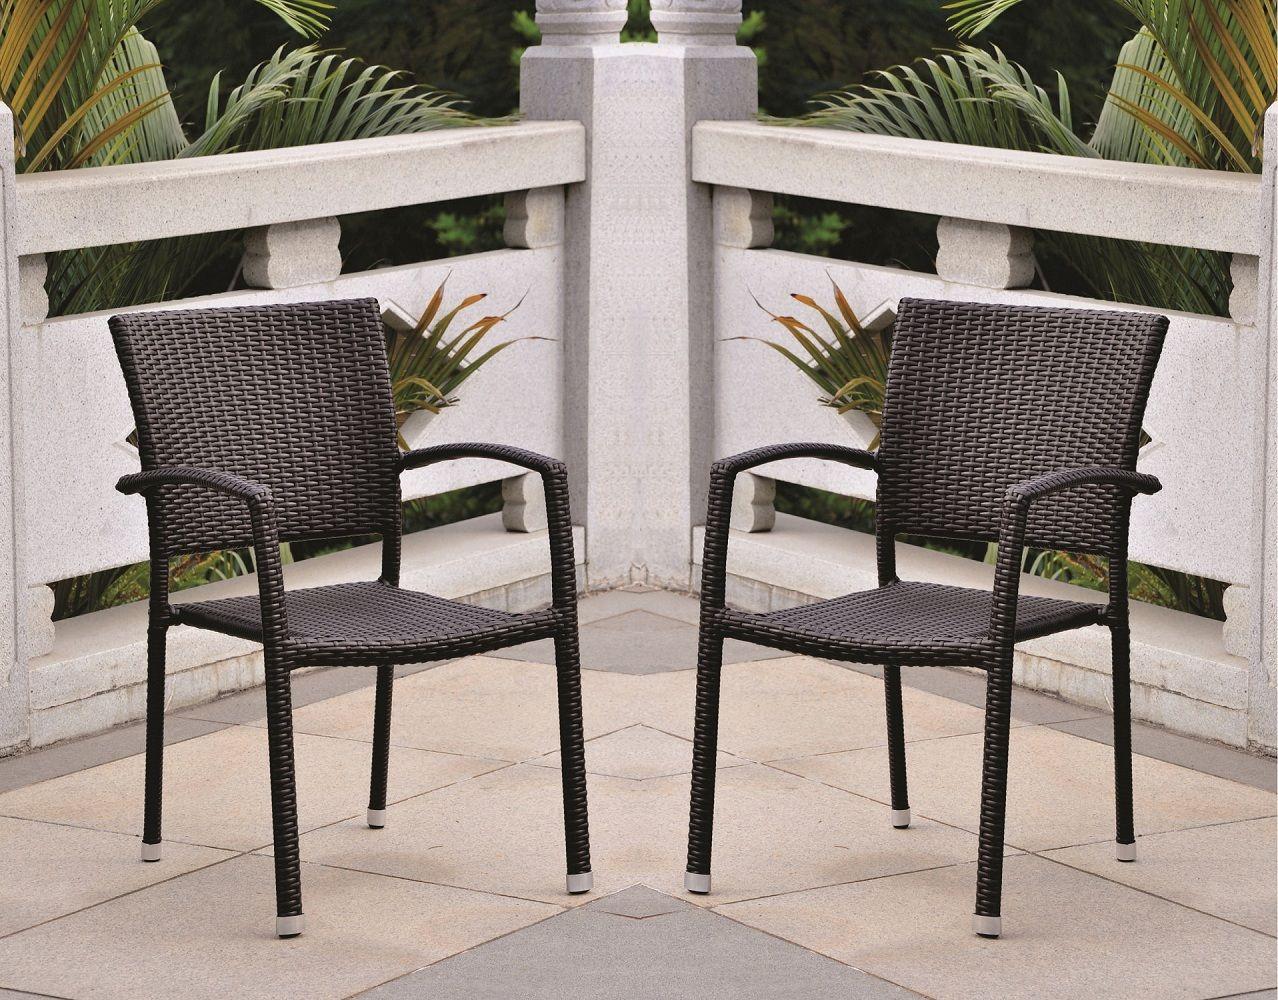 Resin Wicker Furniture Repair Supplies